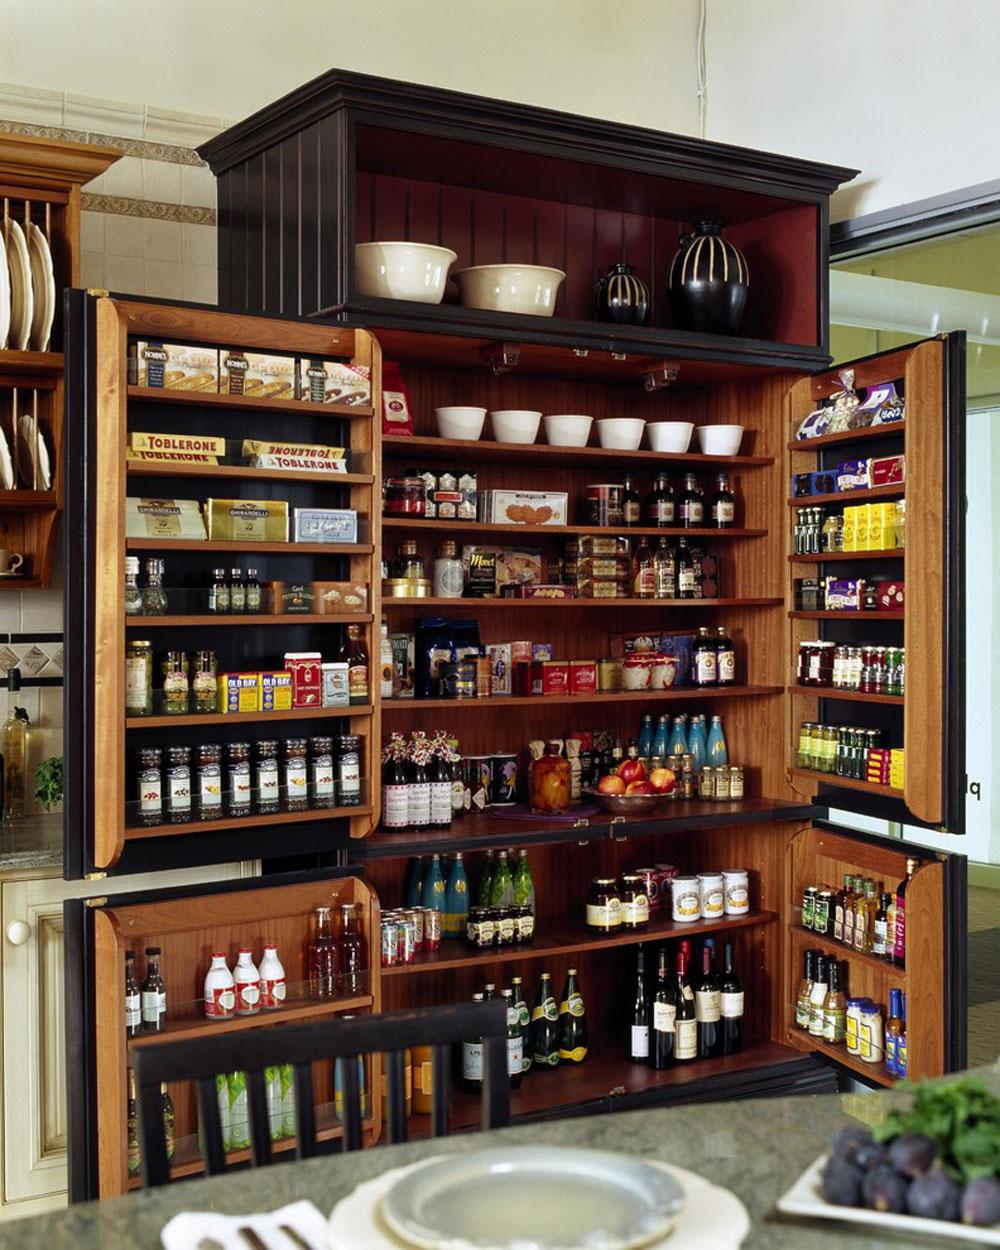 Showroom-Display-by-Venegas-and-Company Pantry Cabinet Idéer: Hyll- och förvaringsidéer för ditt kök